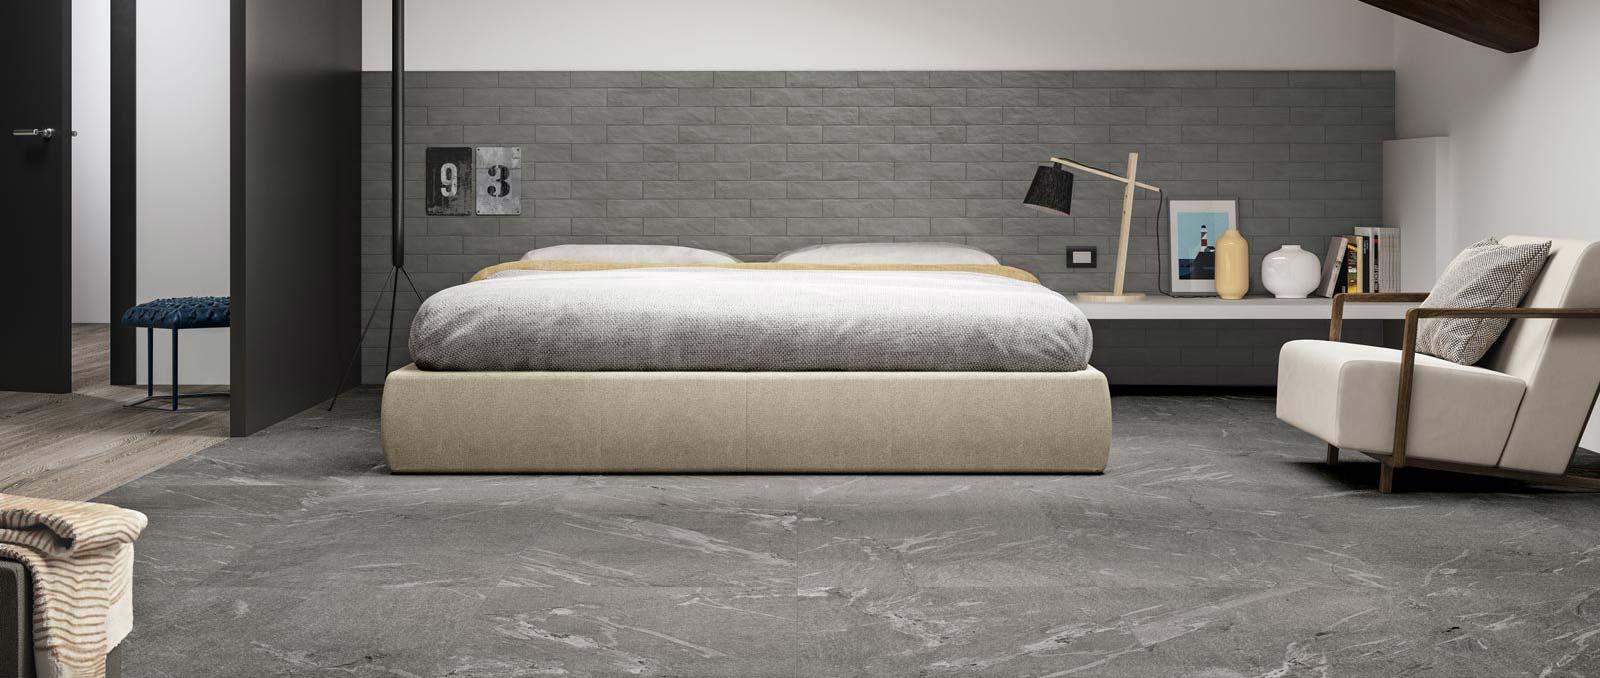 Bedroom Floor Release